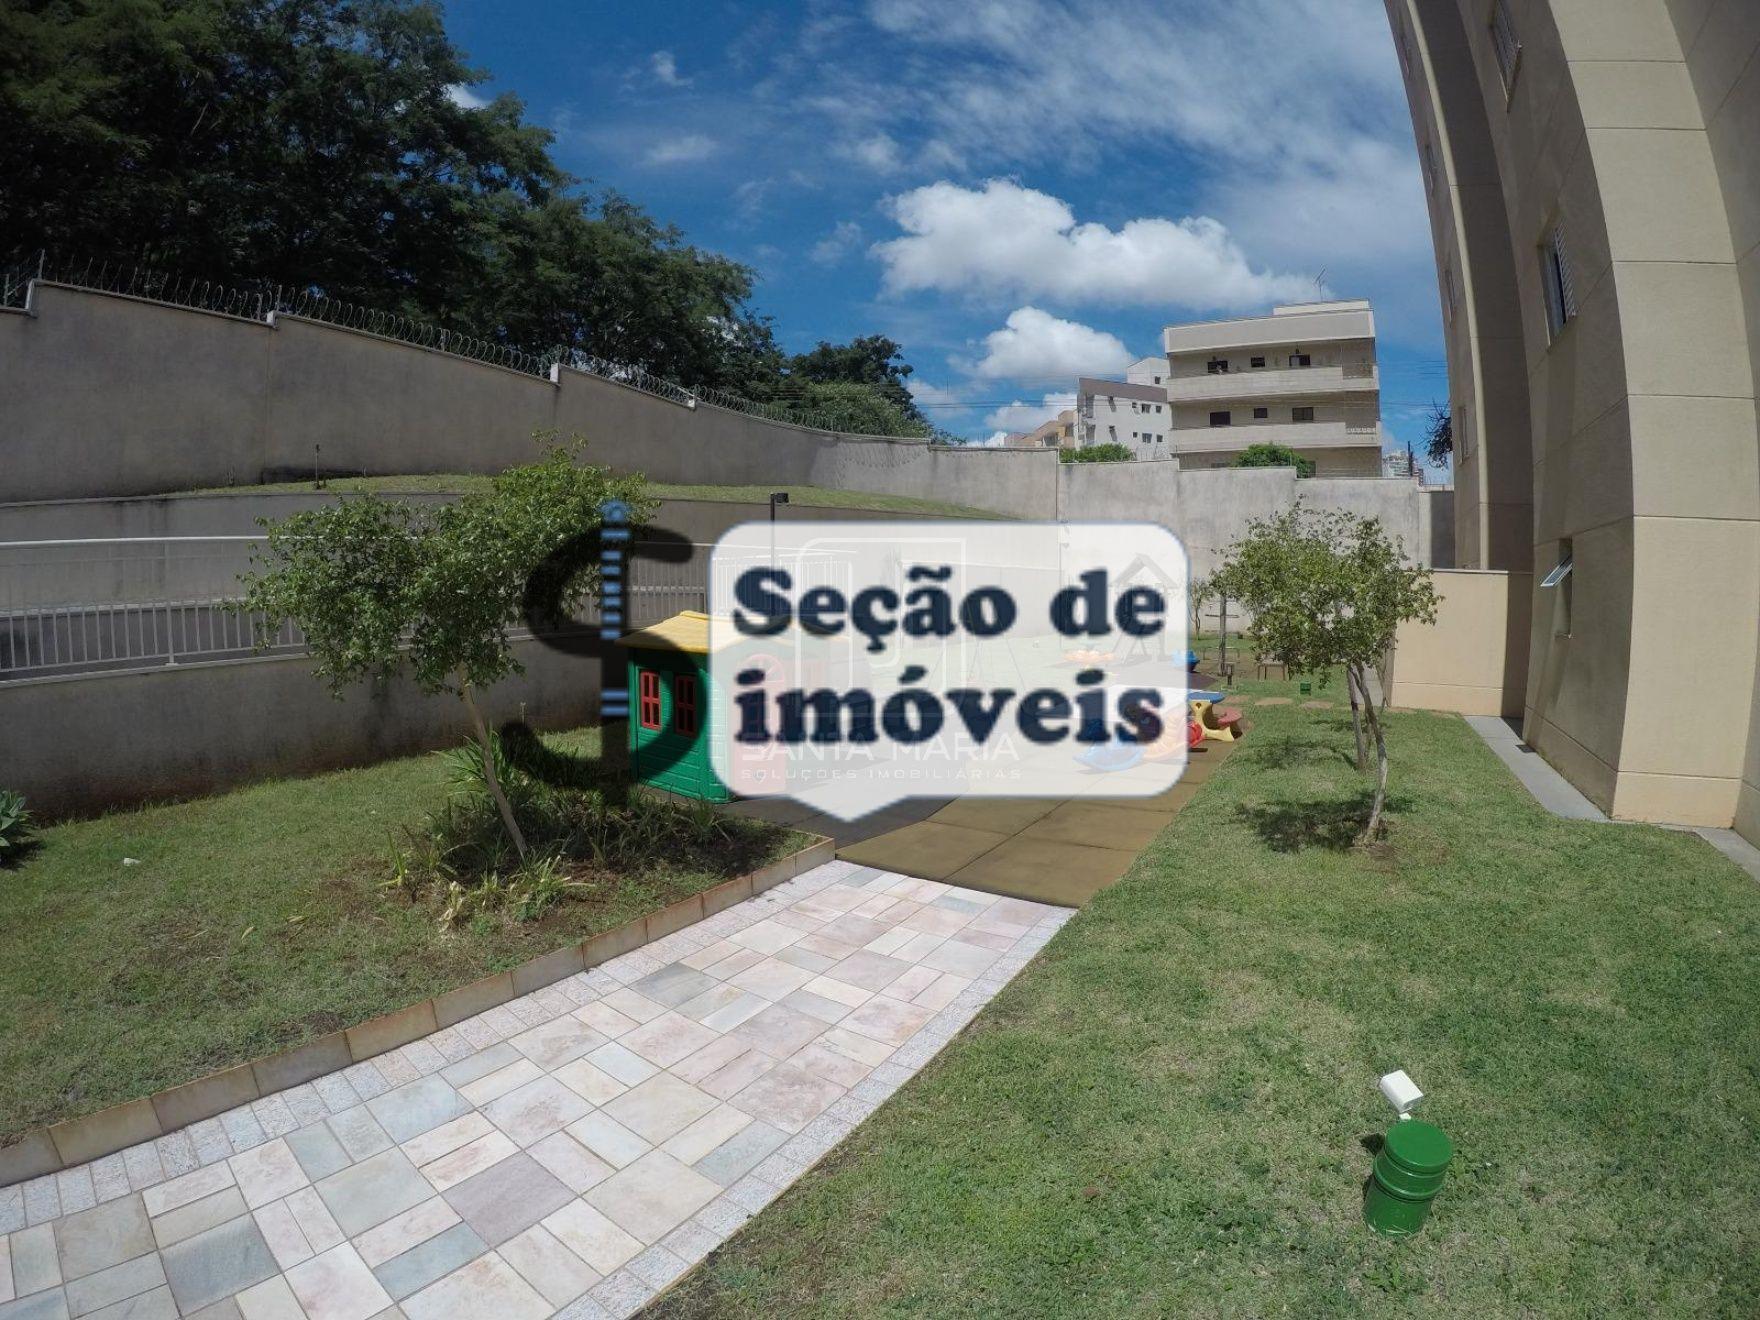 550 - Apto Jardim Botânico 70 m²